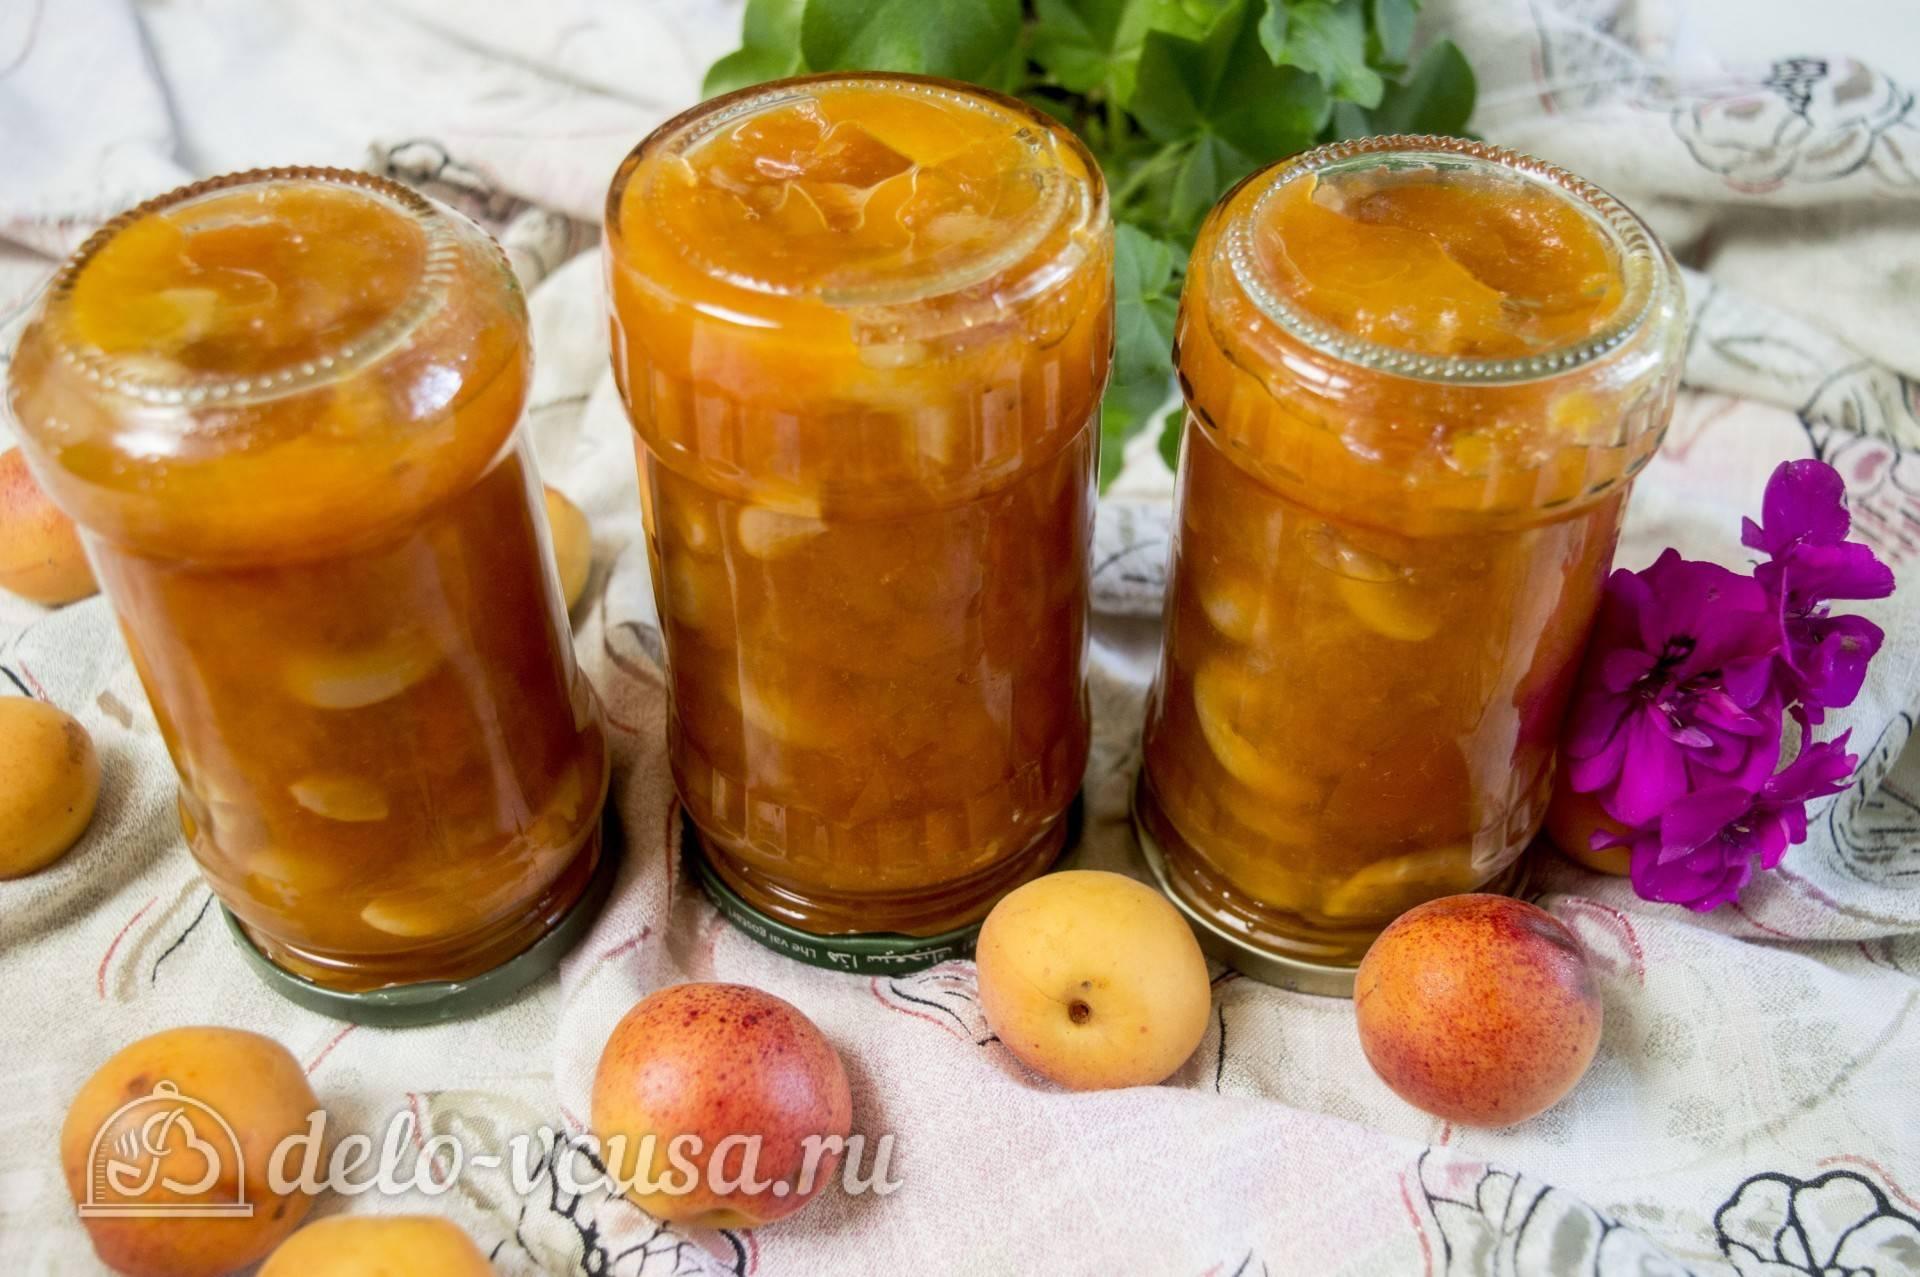 Варенье из абрикосов с грецким орехом: рецепт